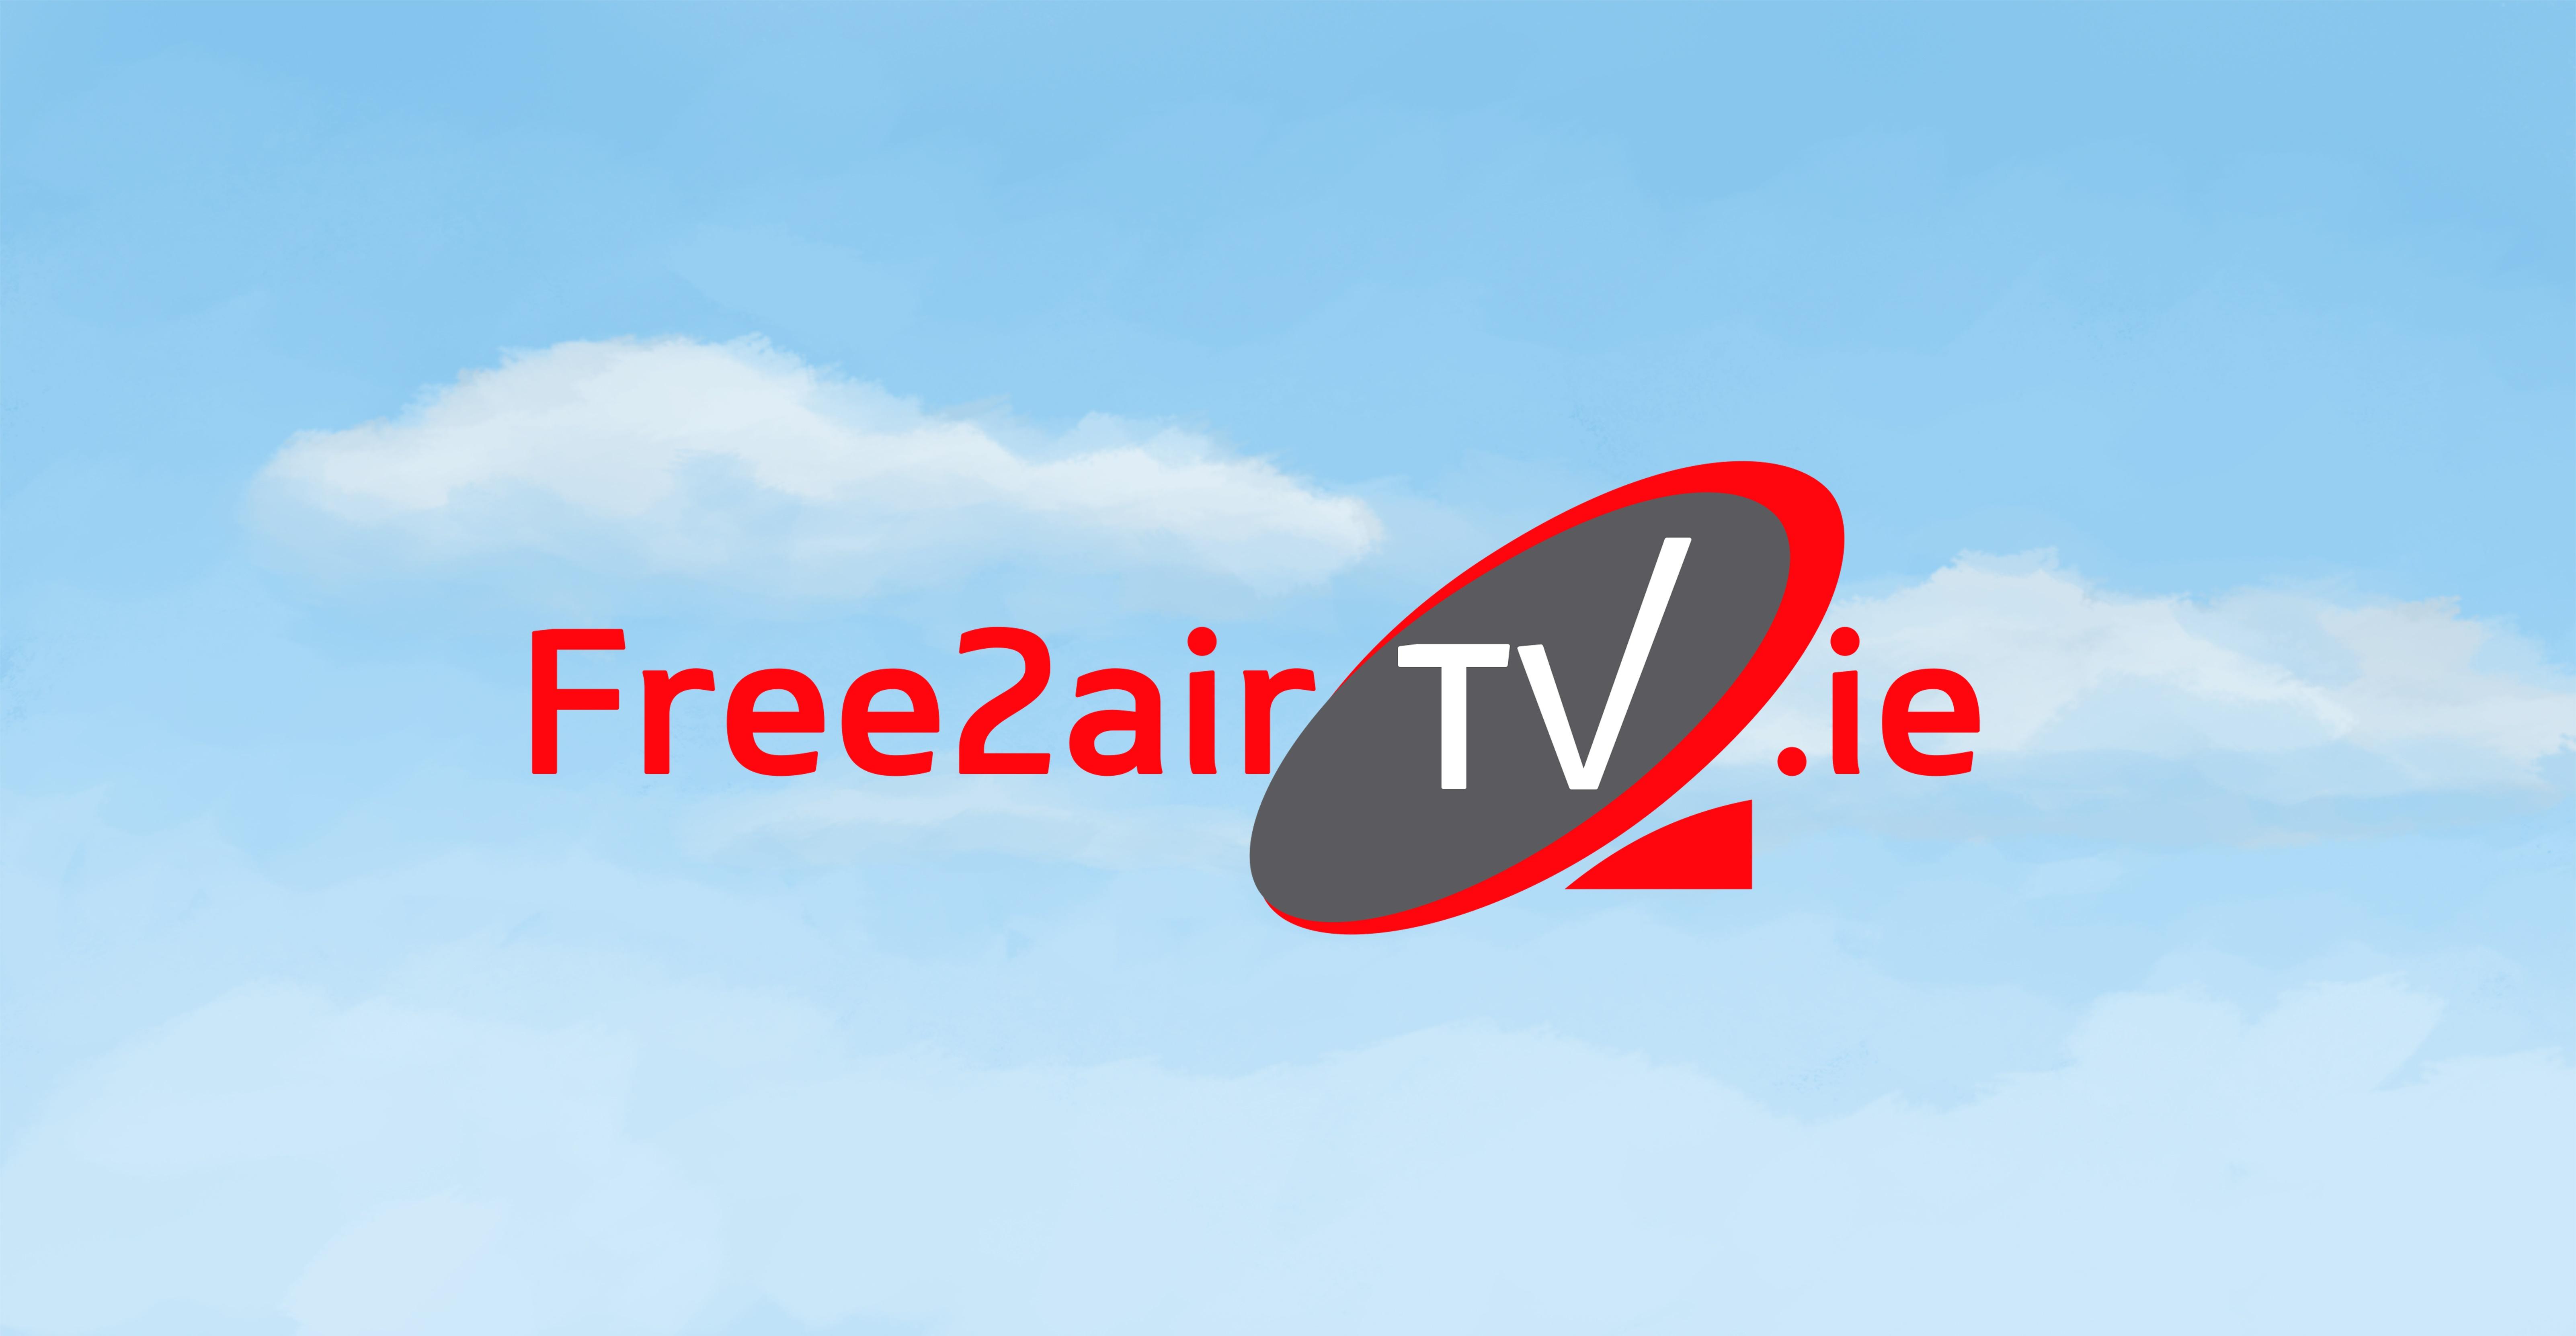 Free2Airtv.ie